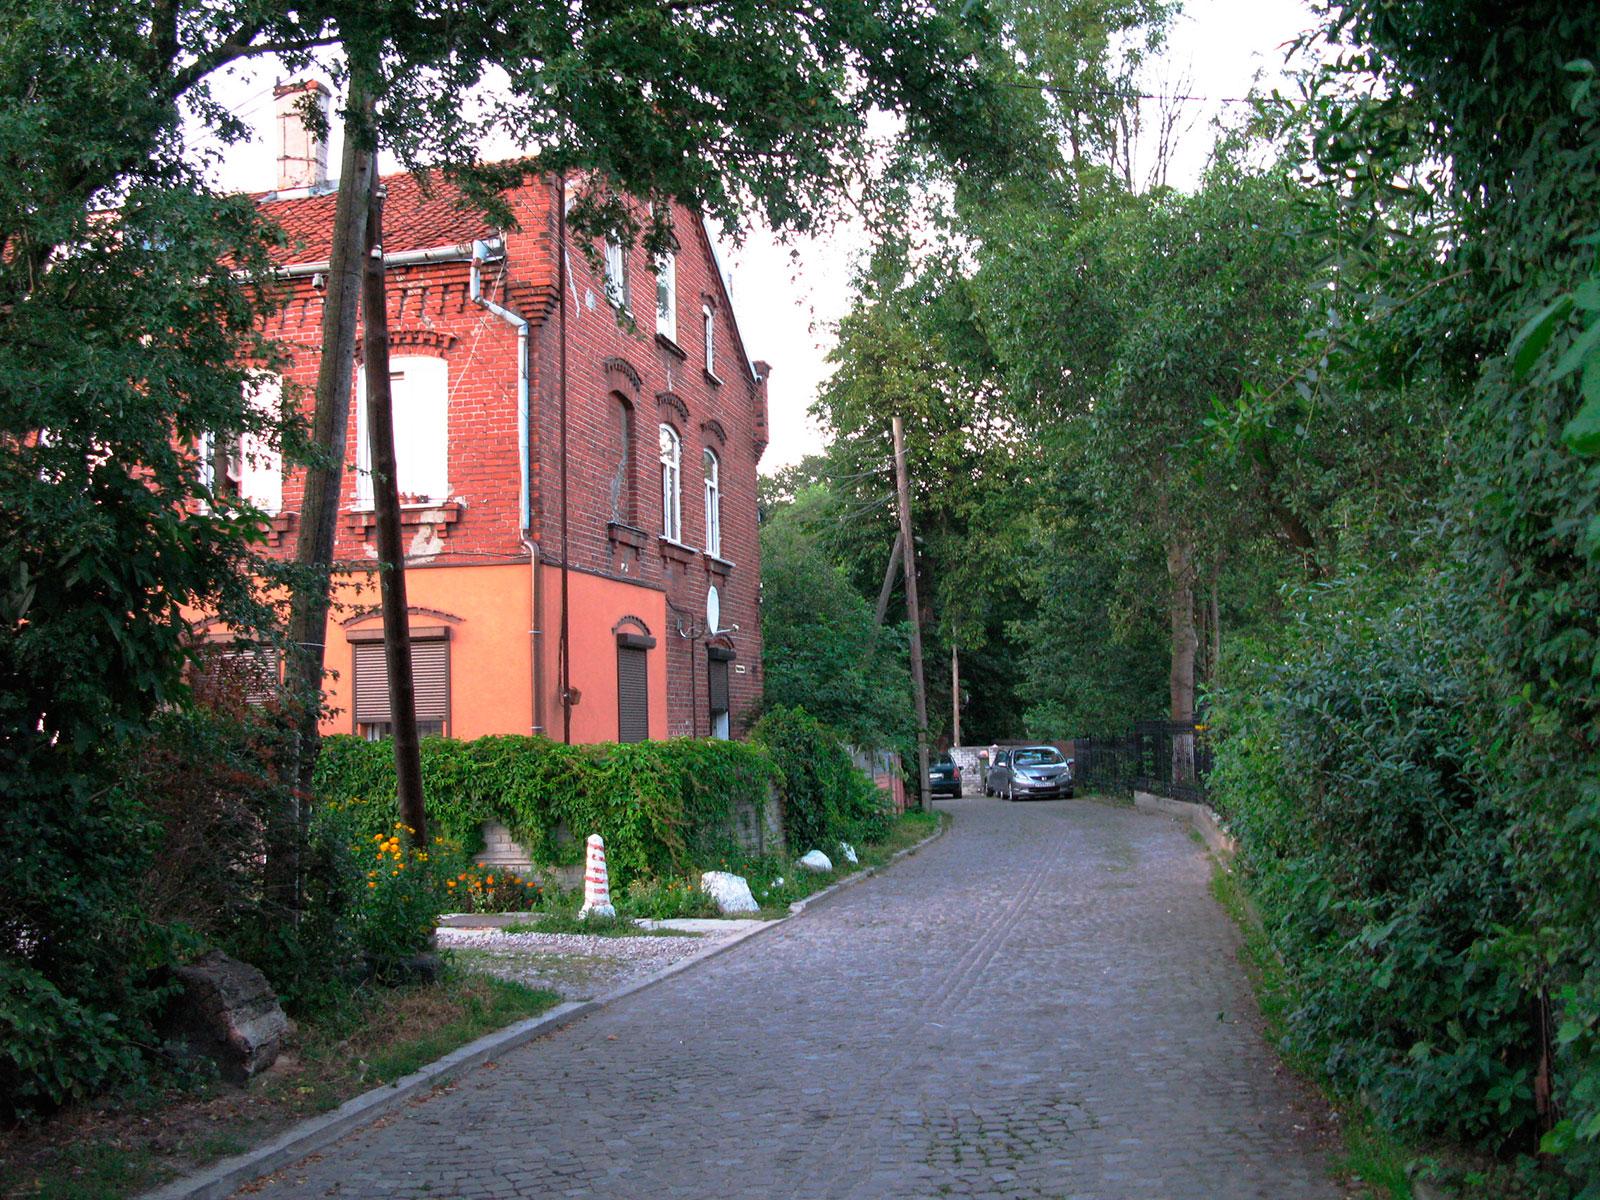 улица октябрьская с немецким домом из красного кирпича